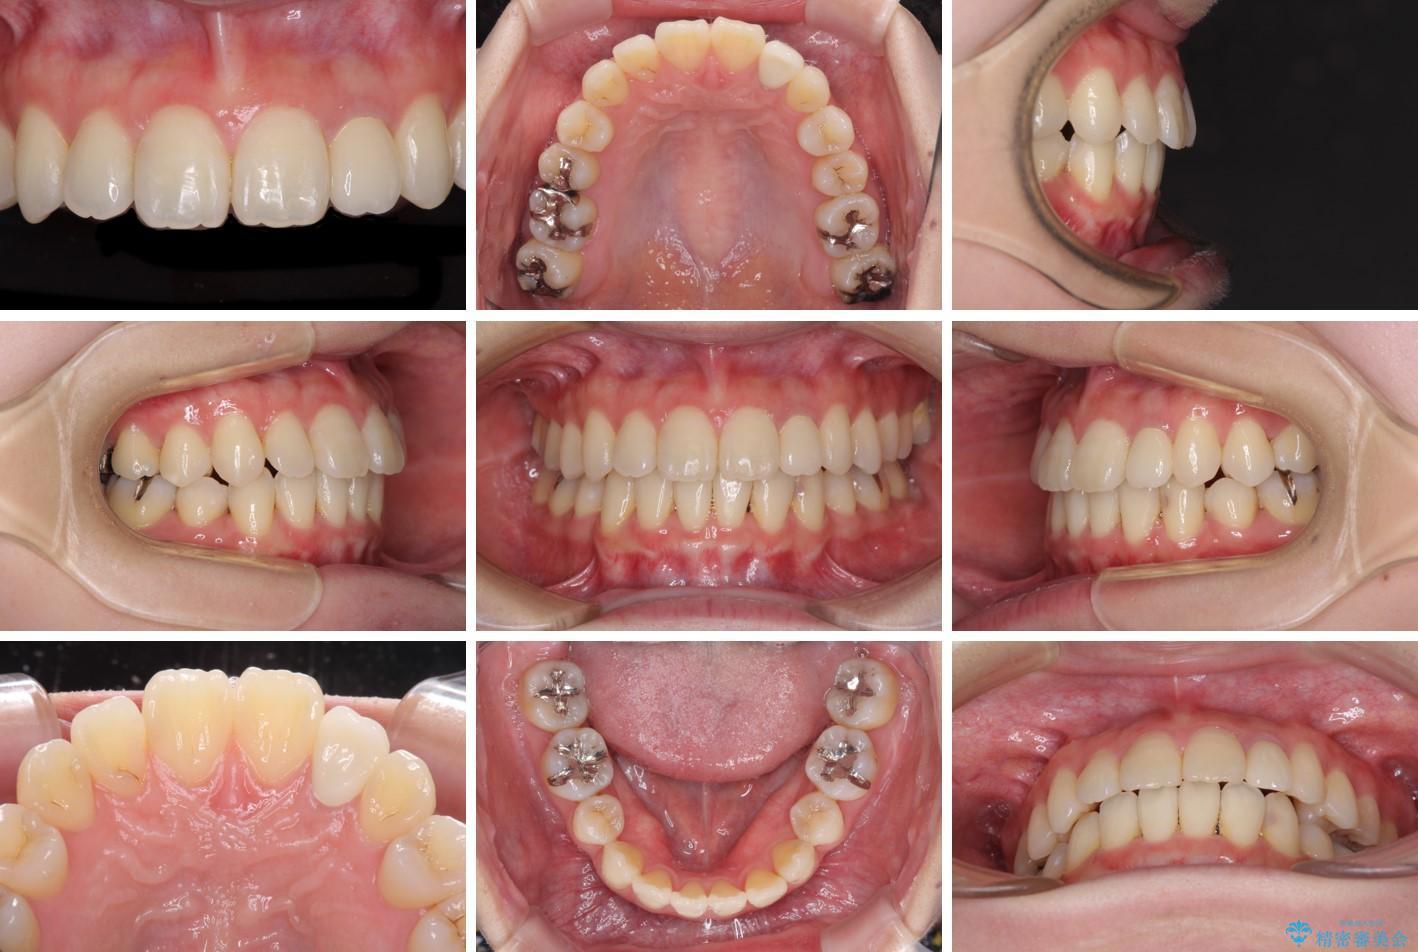 話しにくい歯並びの改善 抜歯矯正治療と前歯の審美治療 治療後画像